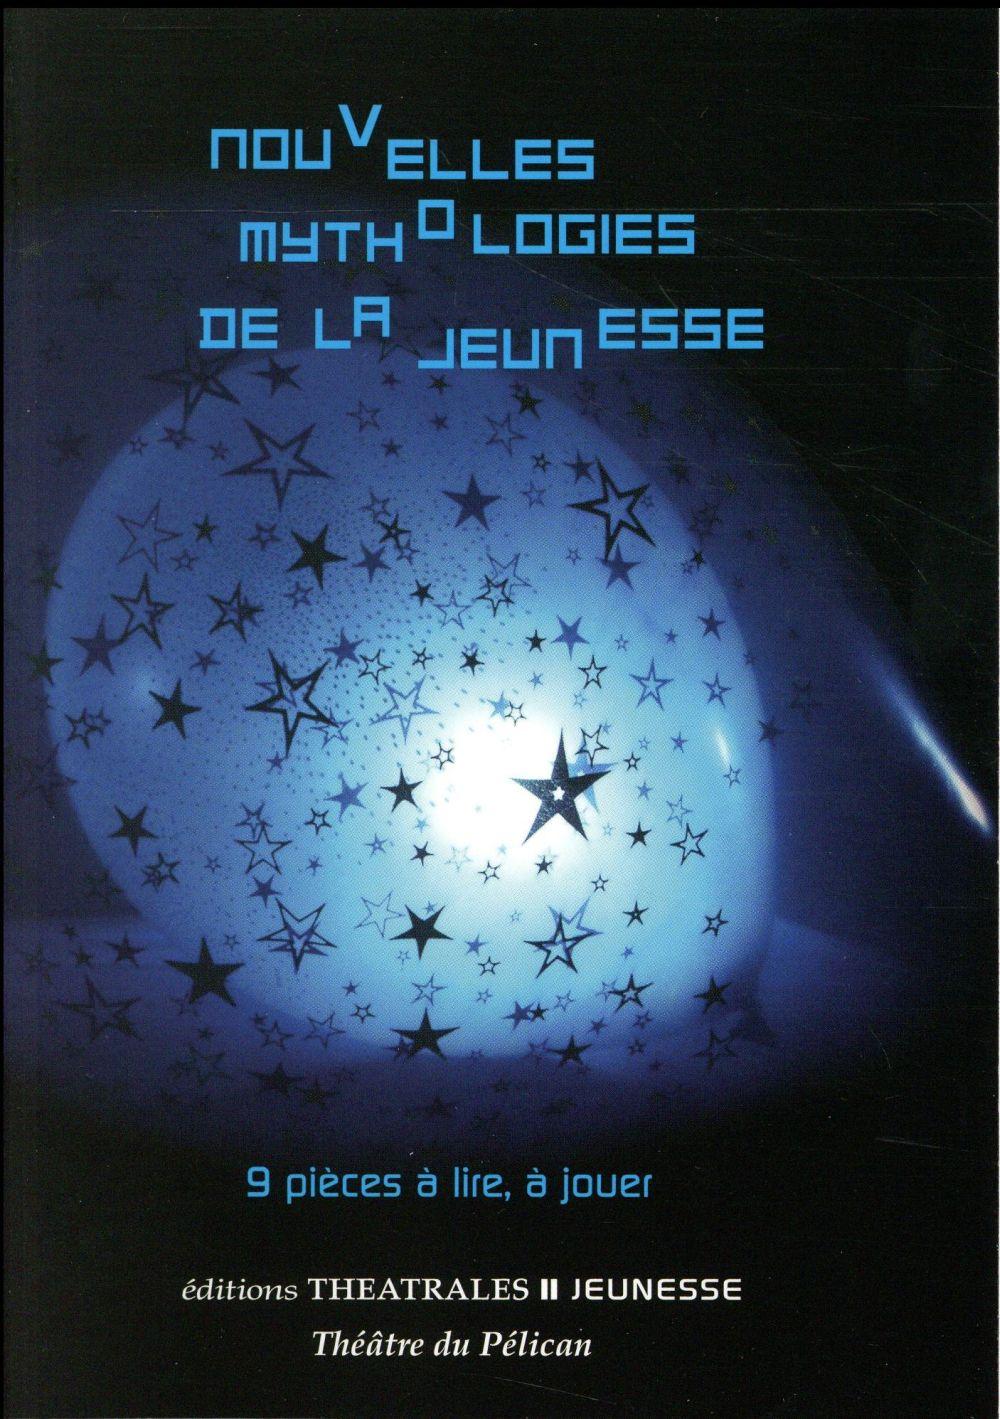 NOUVELLES MYTHOLOGIES DE LA JEUNESSE